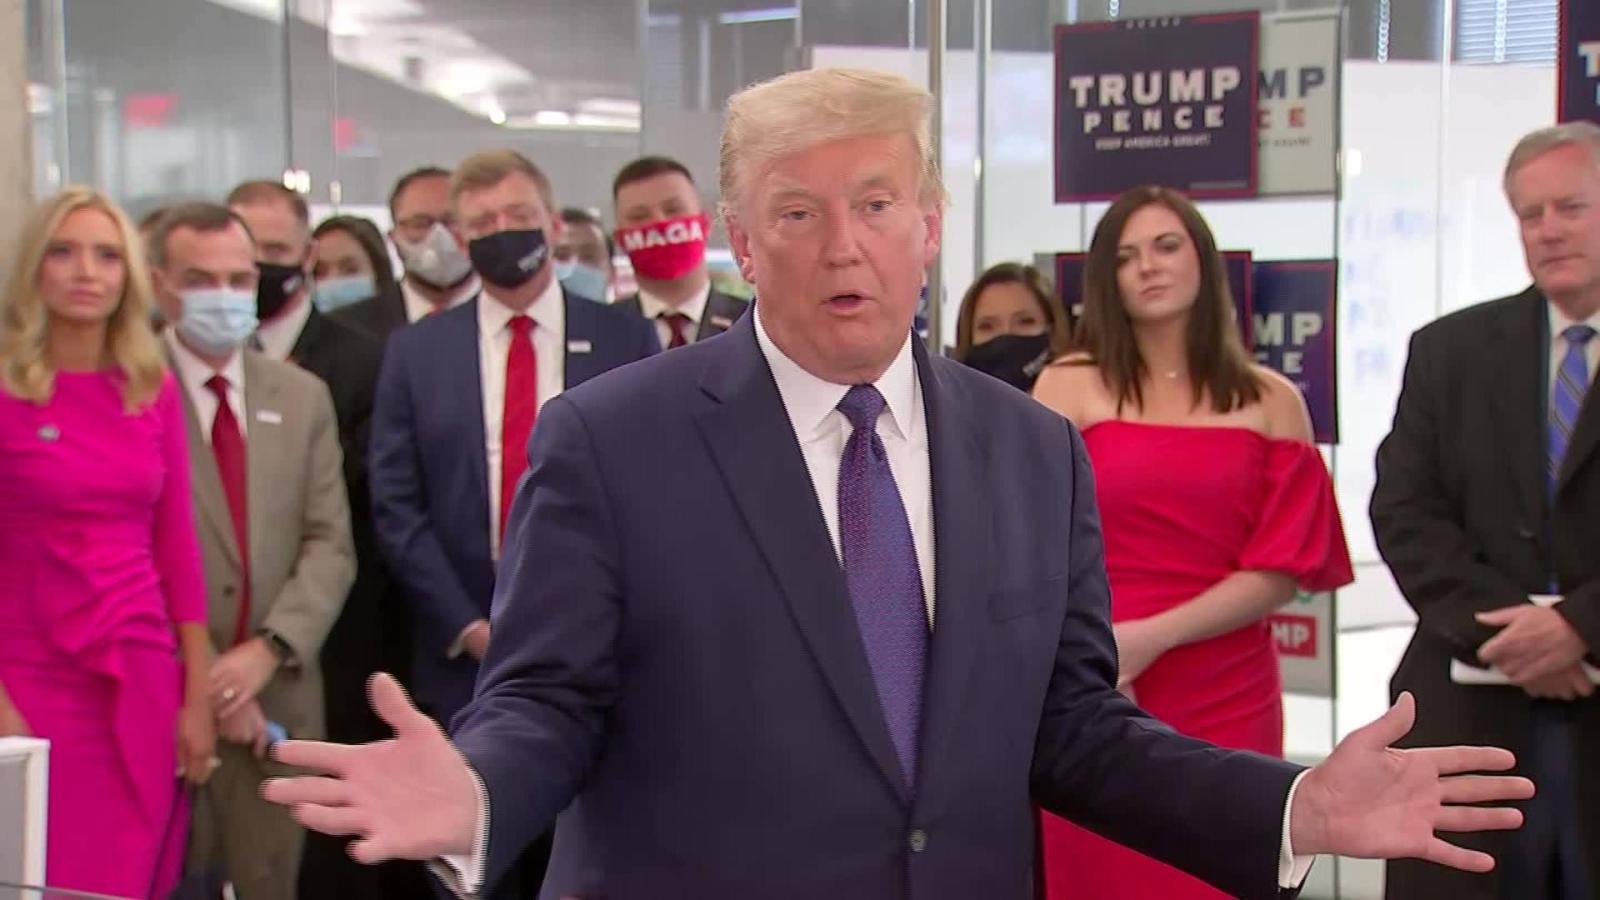 Trump piensa asistir a un acto para denunciar fraude